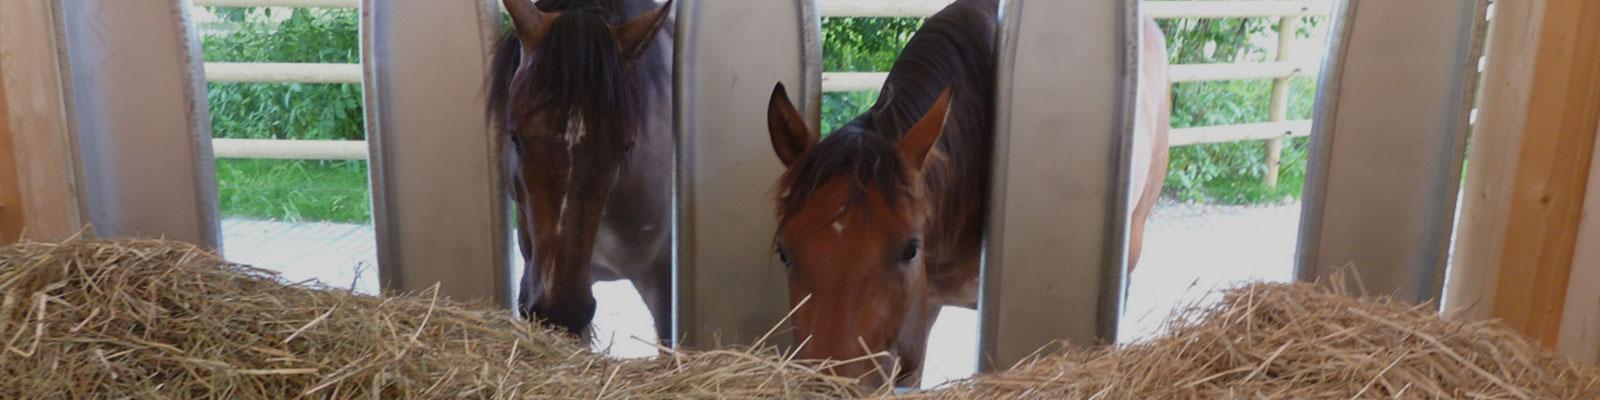 Une écurie active pour 2 chevaux est-ce possible ?